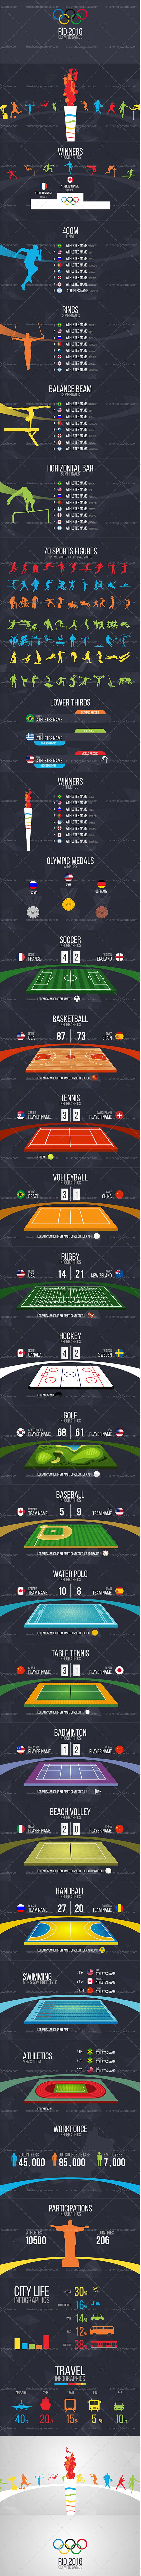 AE模板-扁平化创意体育赛事里约奥运会介绍 比赛得分统计预告栏目包装MG动画模板